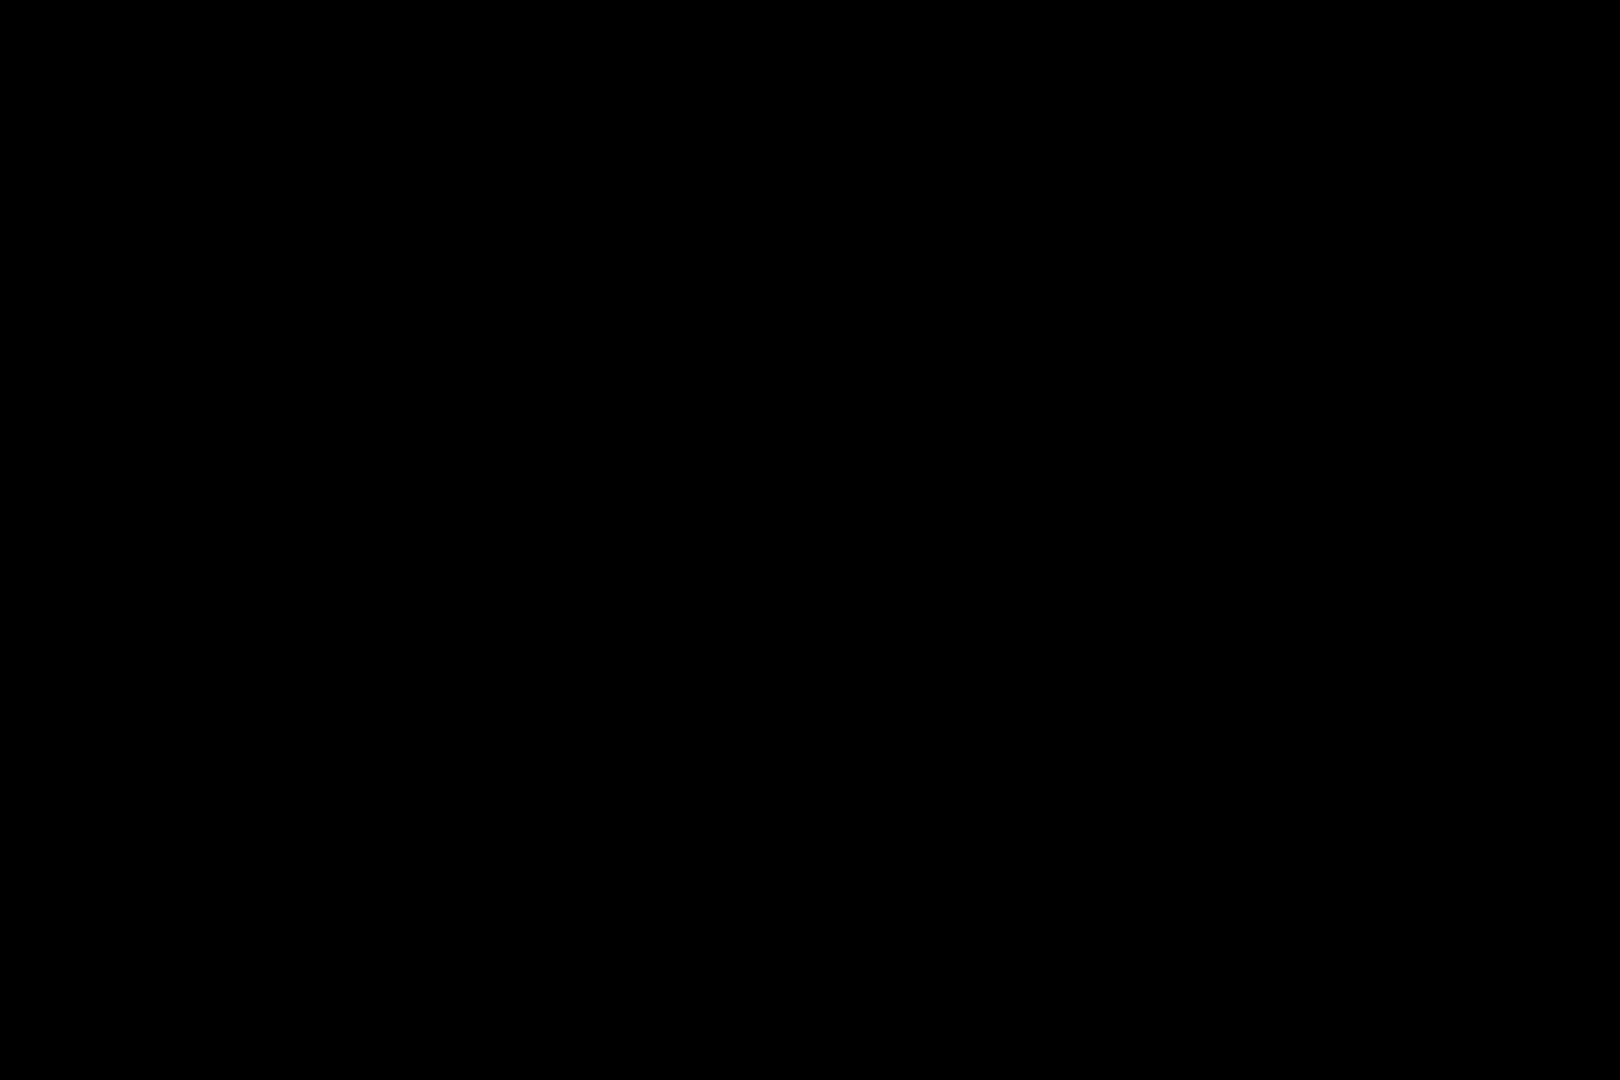 美巨乳Eカップの三十路美人妻と淫乱SEX~島田琴江~ 手マン 濡れ場動画紹介 96pic 8